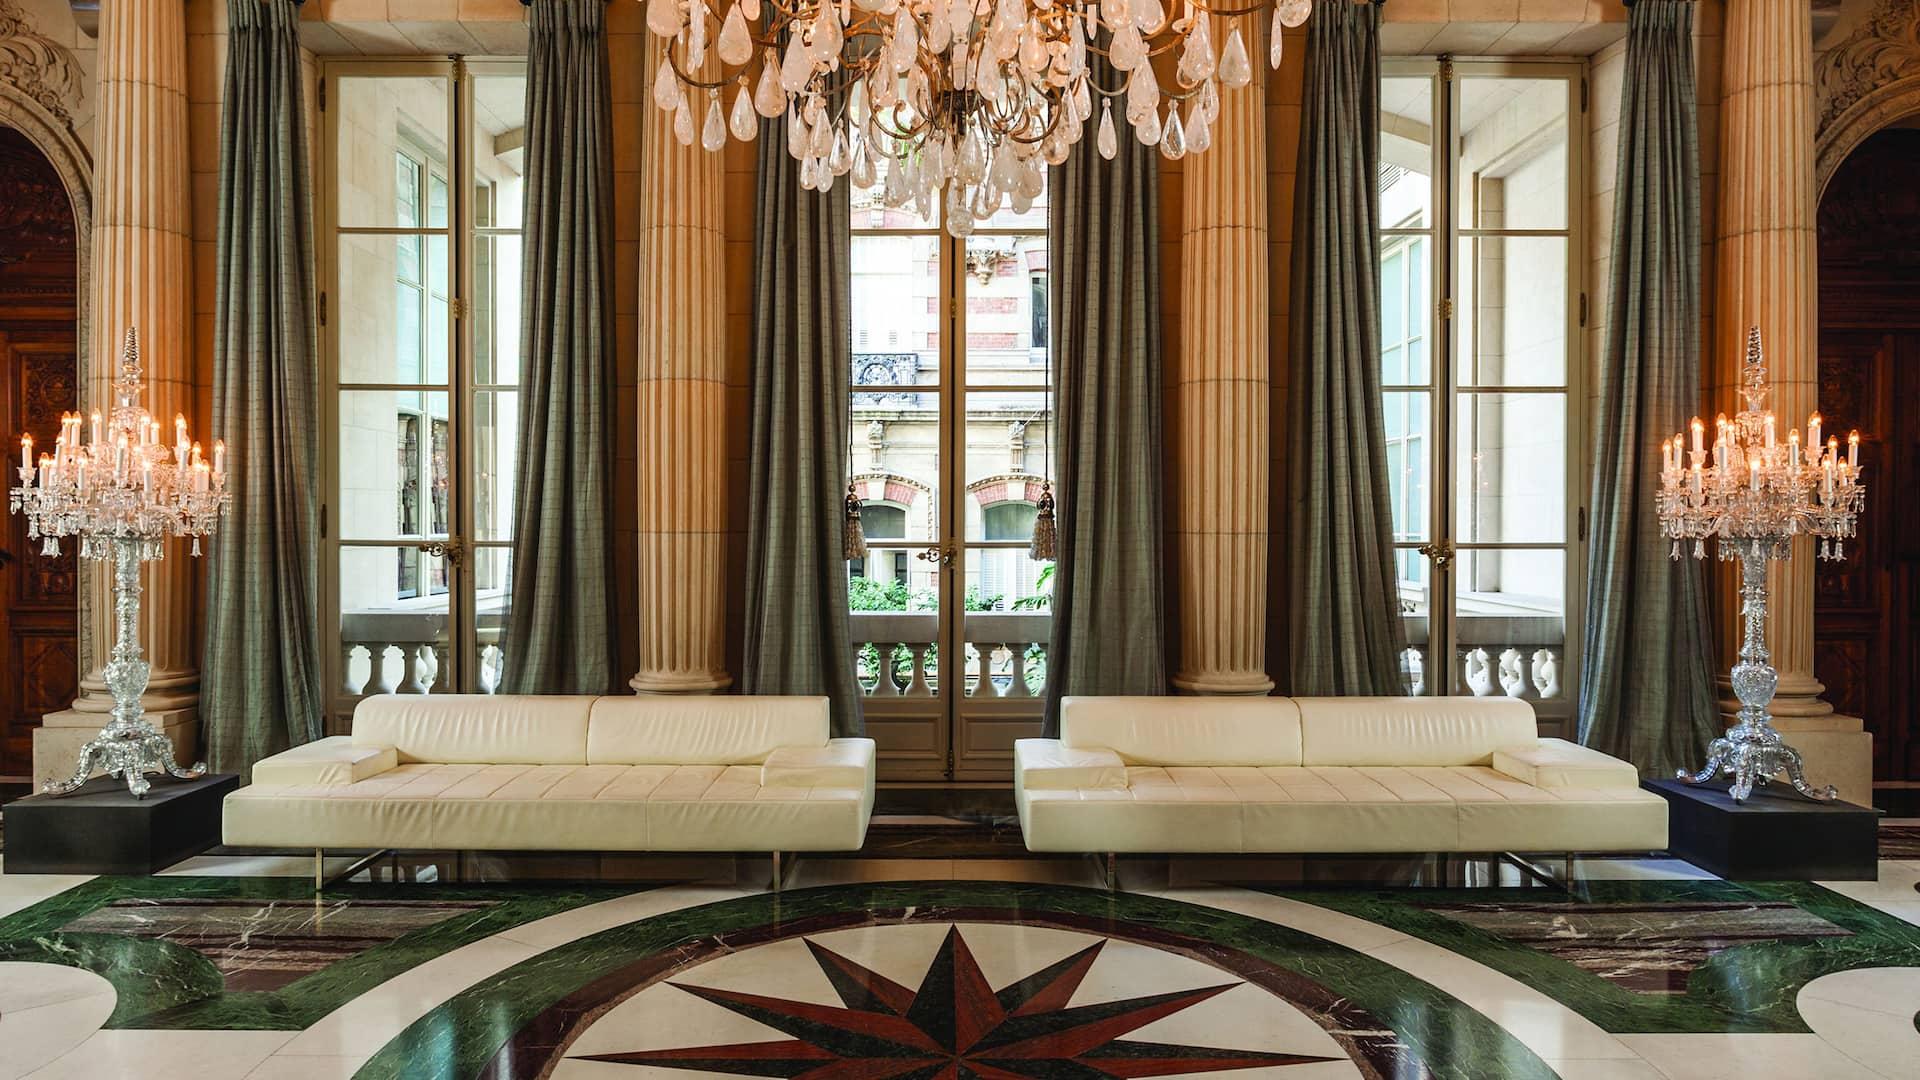 Elegant interior of the Palacio Duhau-Park Hyatt Buenos Aires